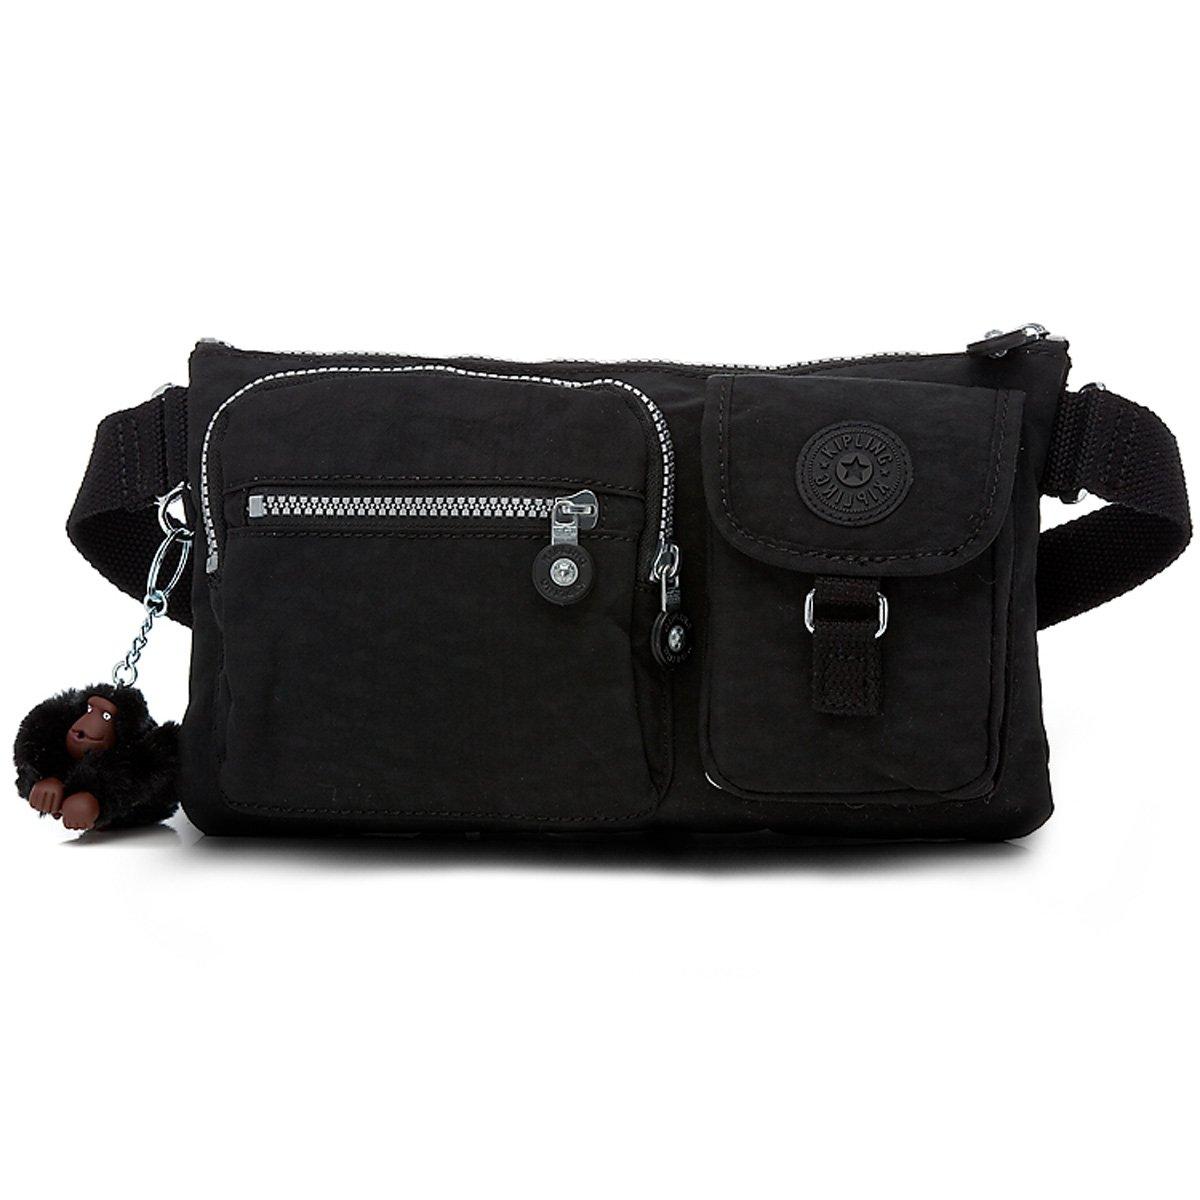 Kipling Luggage Presto Waistbag, Black, One Size Vanity Fair Brands LP - Kipling AC3397